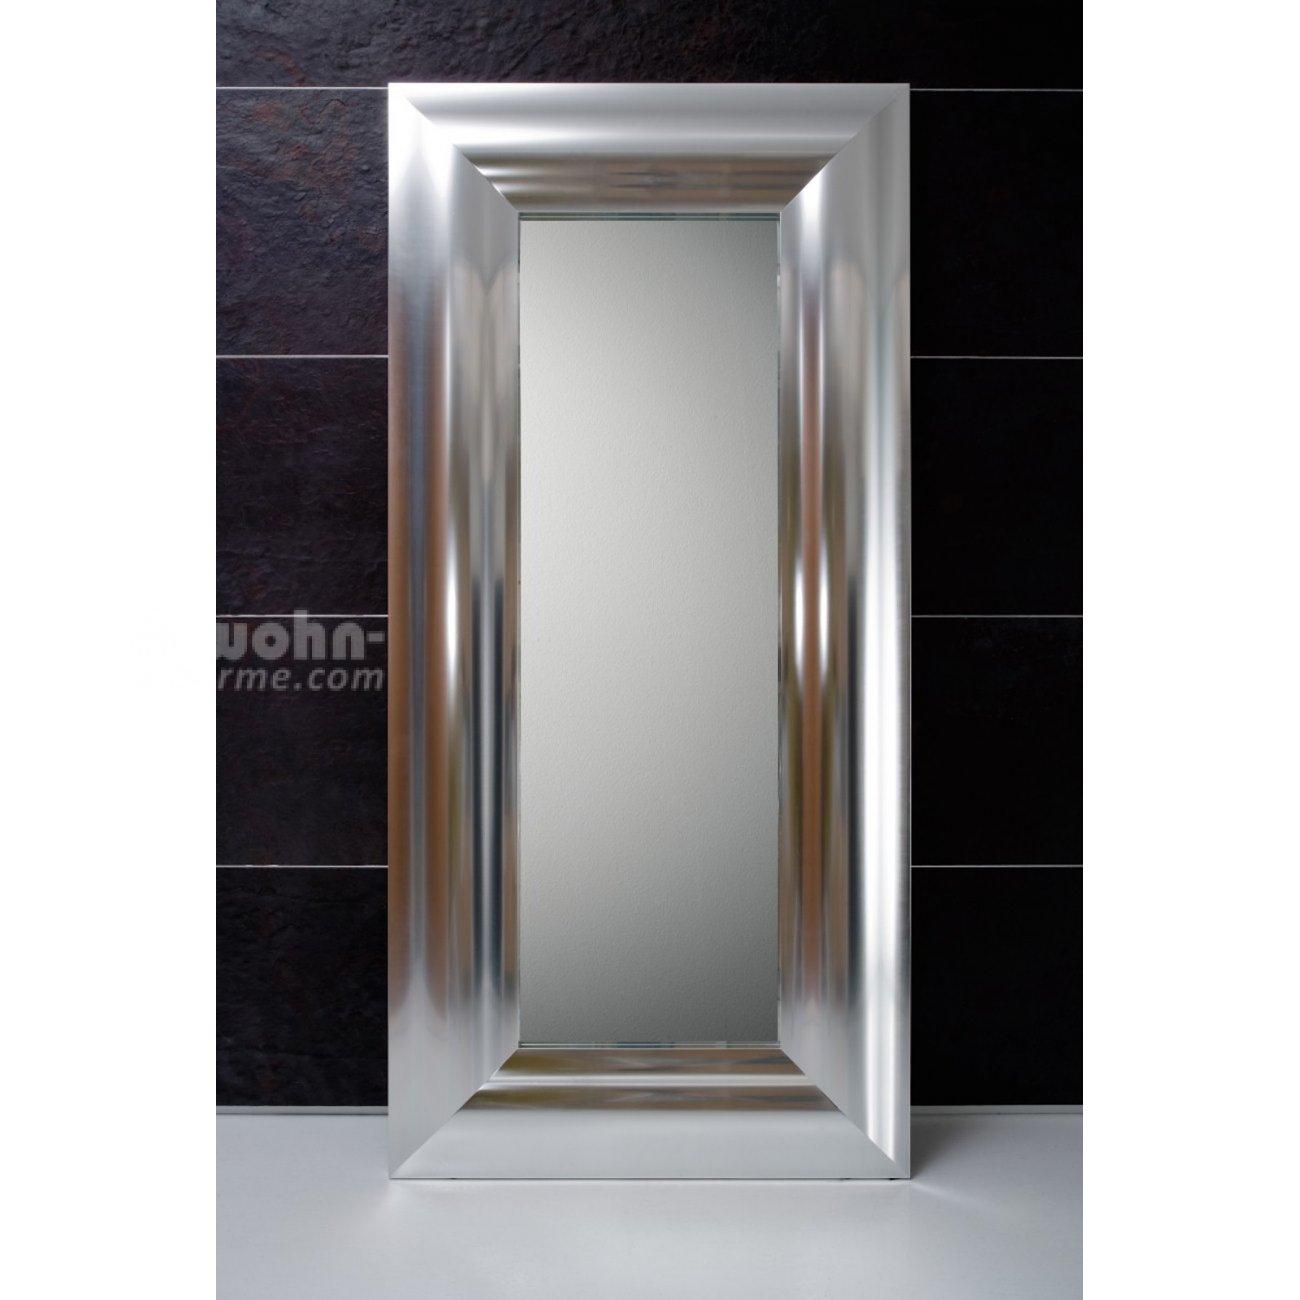 ad hoc mirror design heizk rper und spiegel. Black Bedroom Furniture Sets. Home Design Ideas